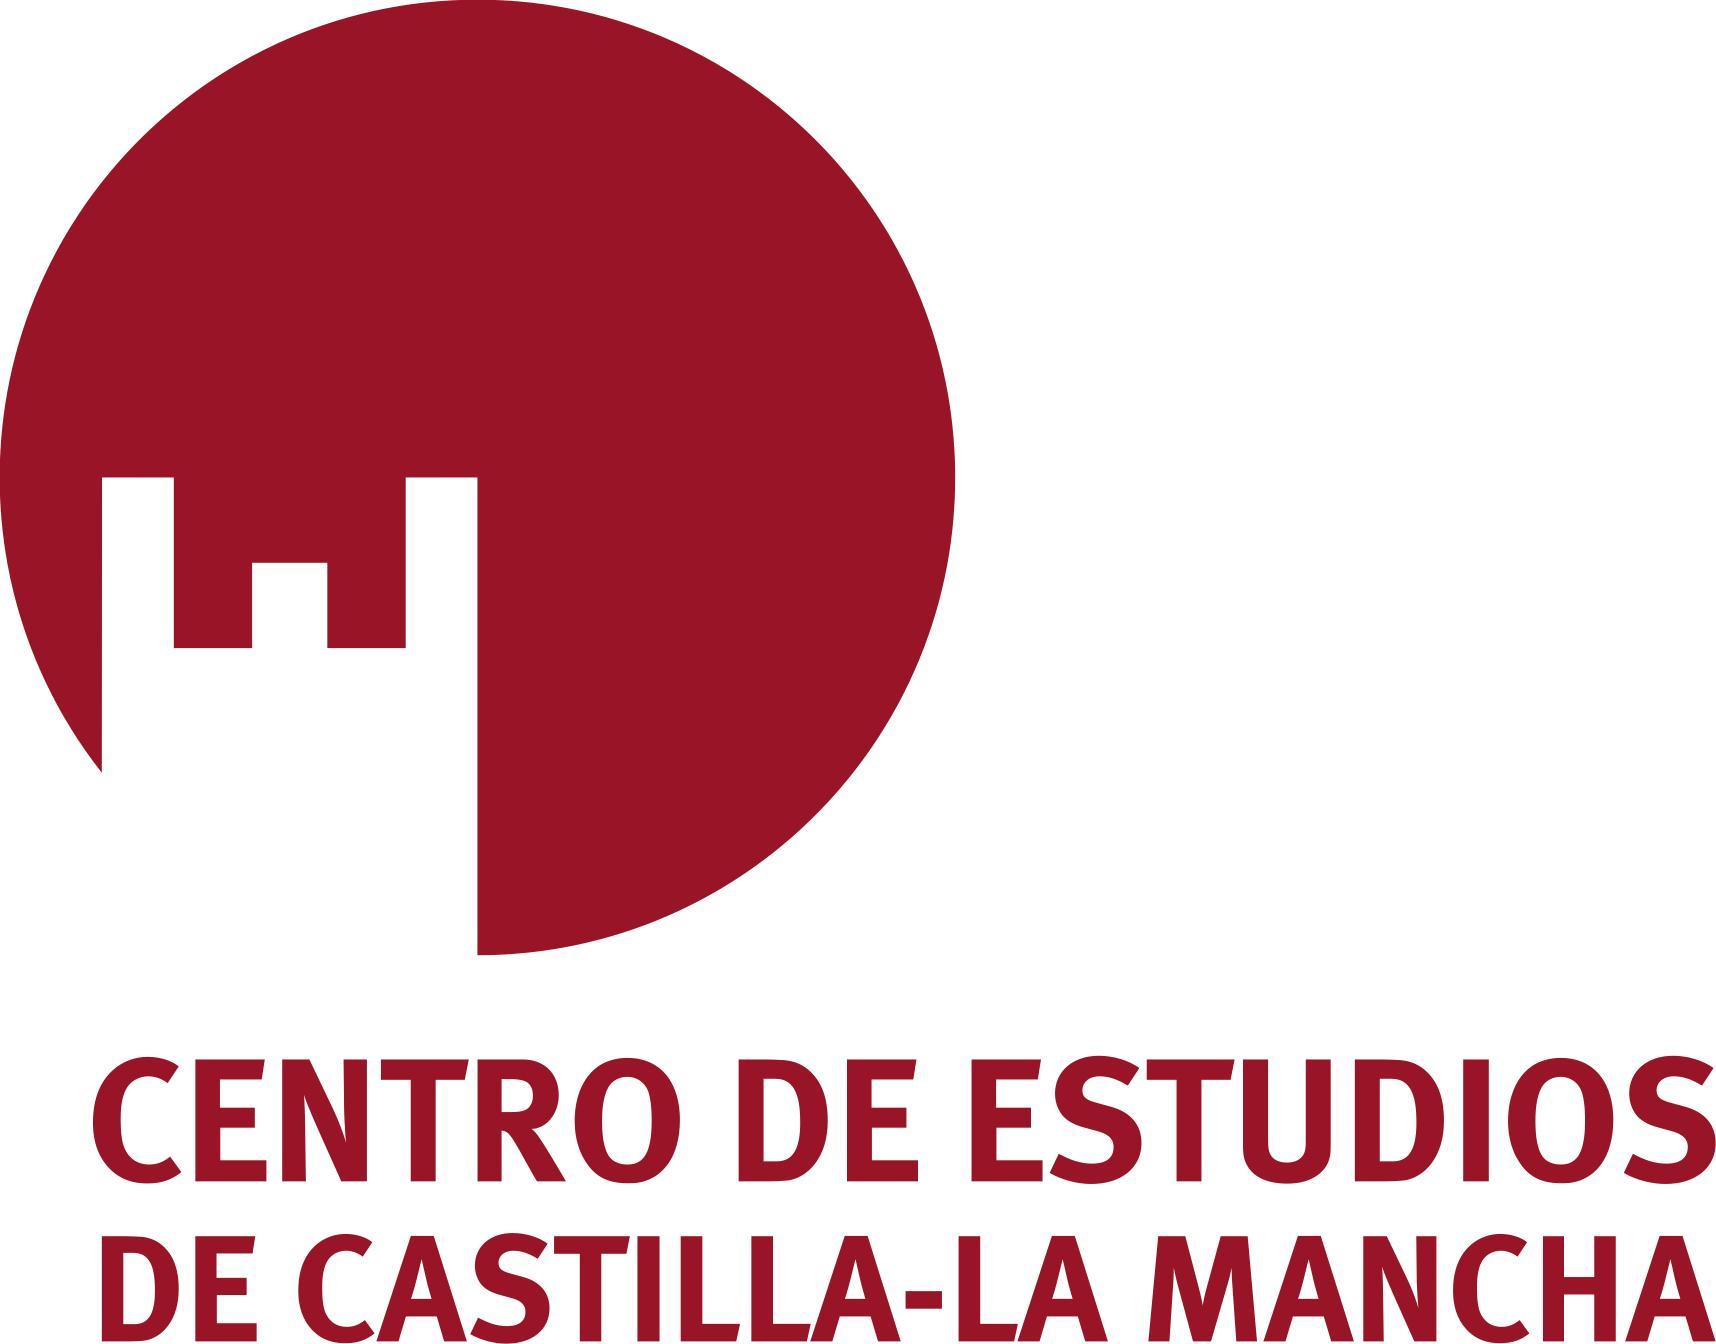 Resultado de imagen de centro de estudios de castilla la mancha logo